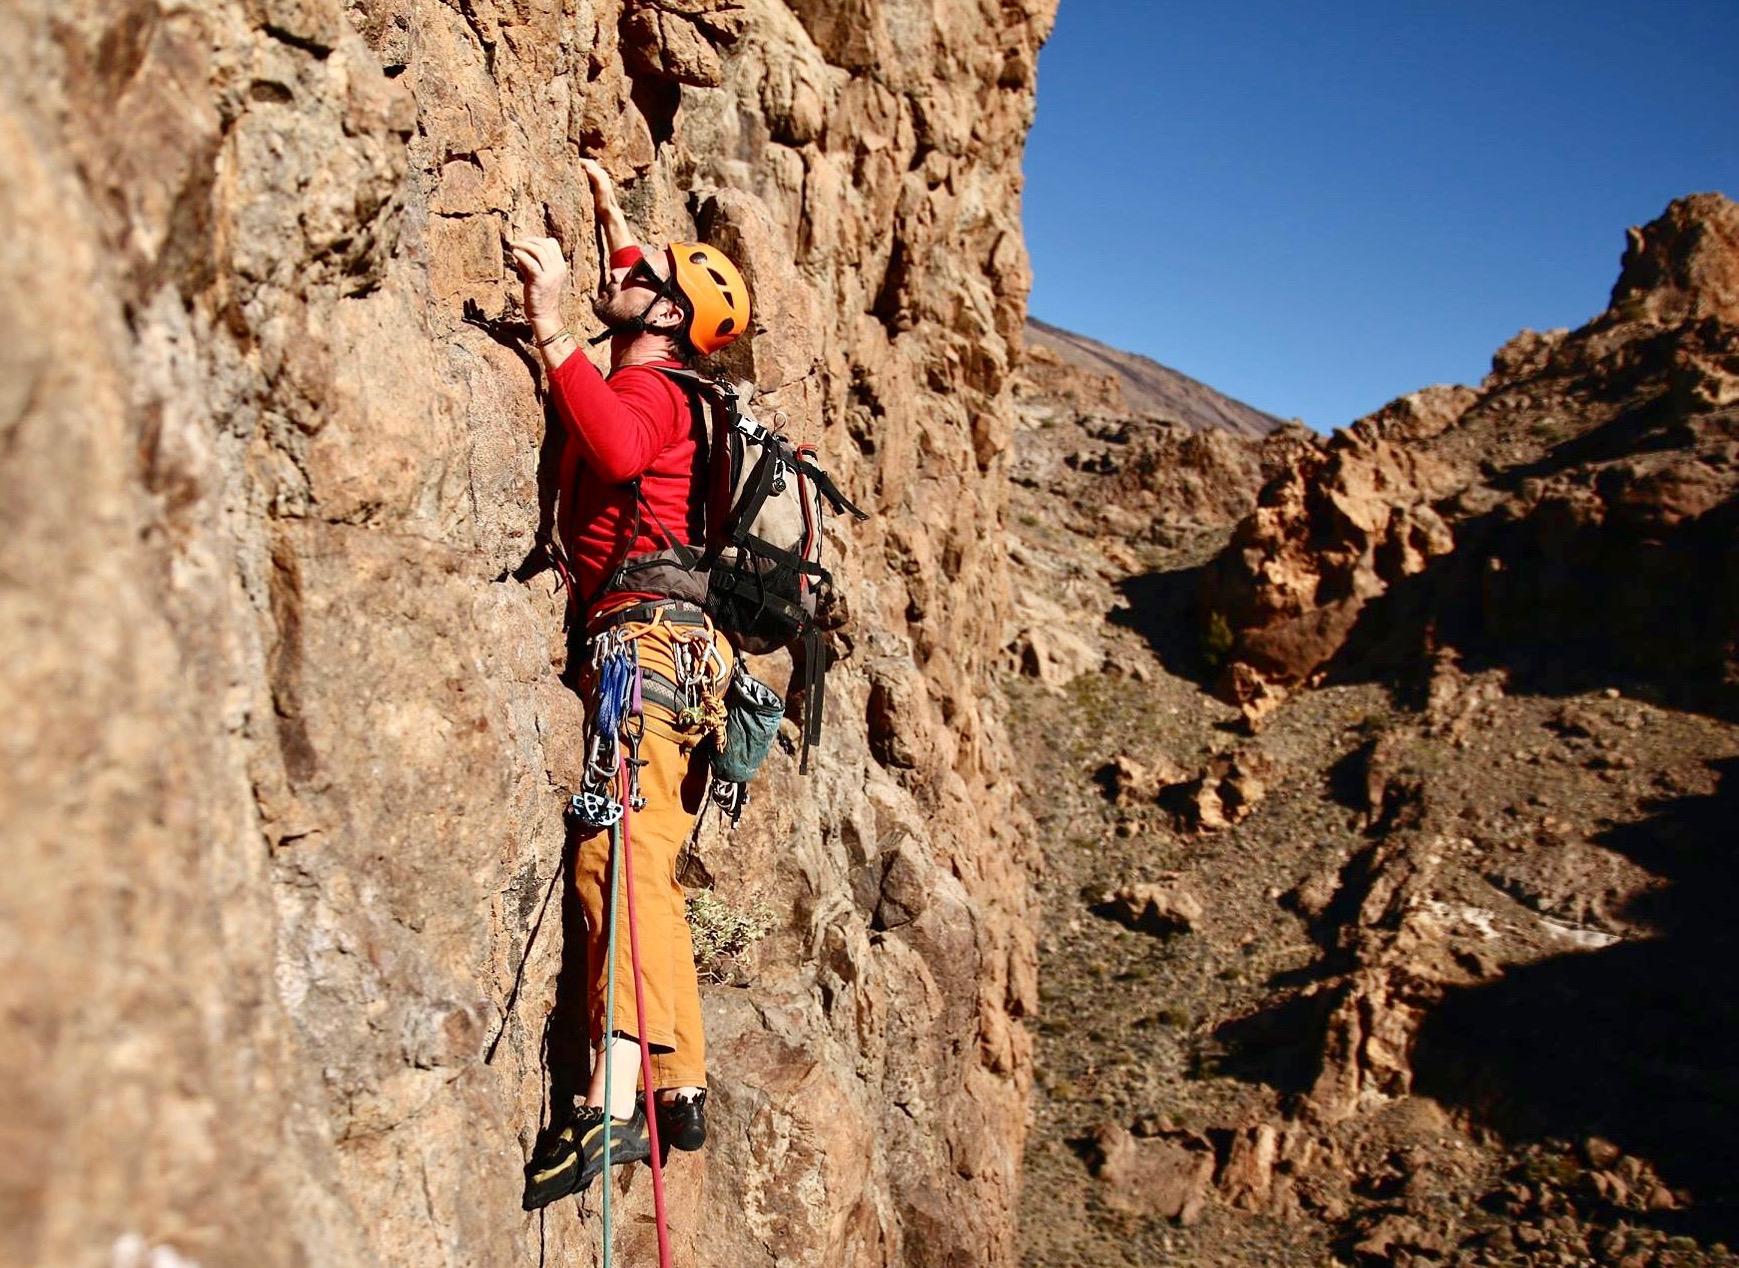 Un hombre escalando un acantilado en el Parque Nacional del Teide